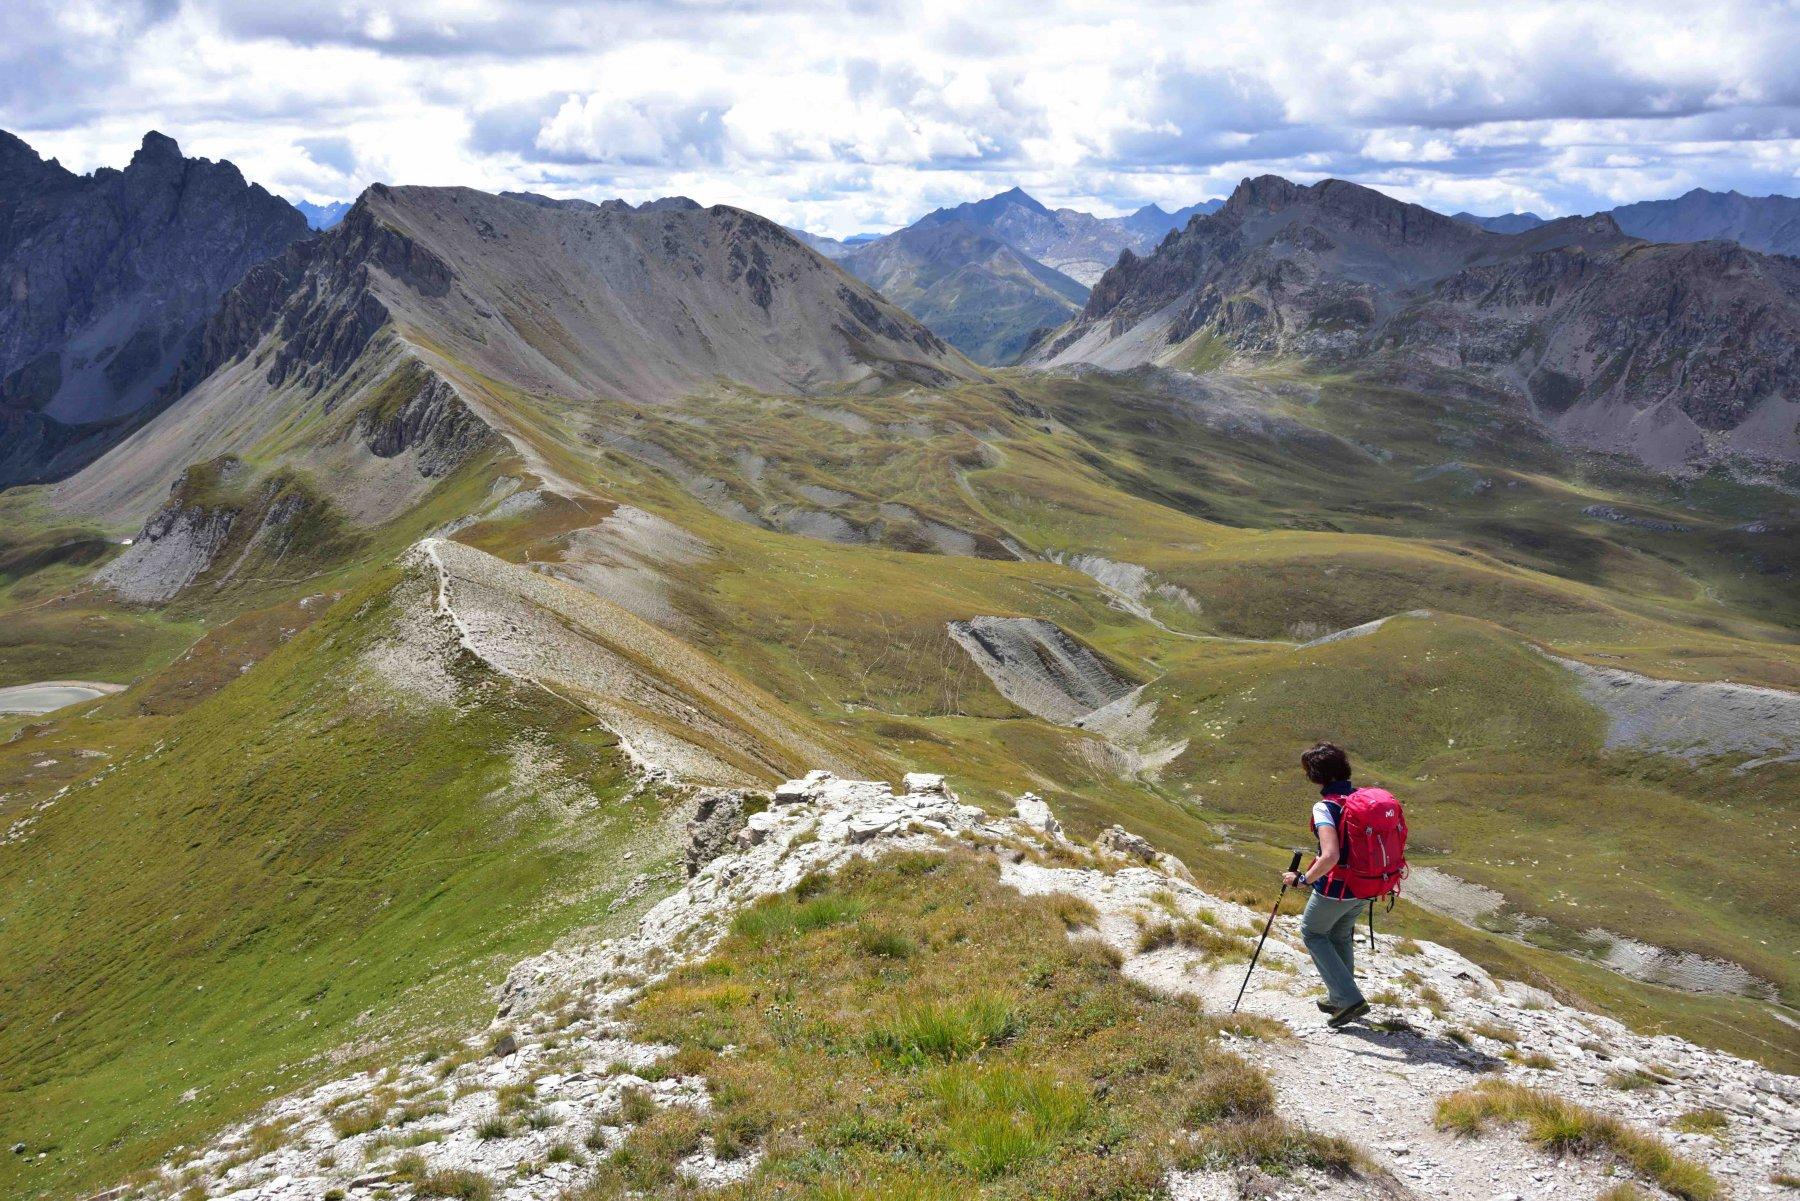 Scendendo la cresta Sud del Soubeyran verso il Colle delle Munie.